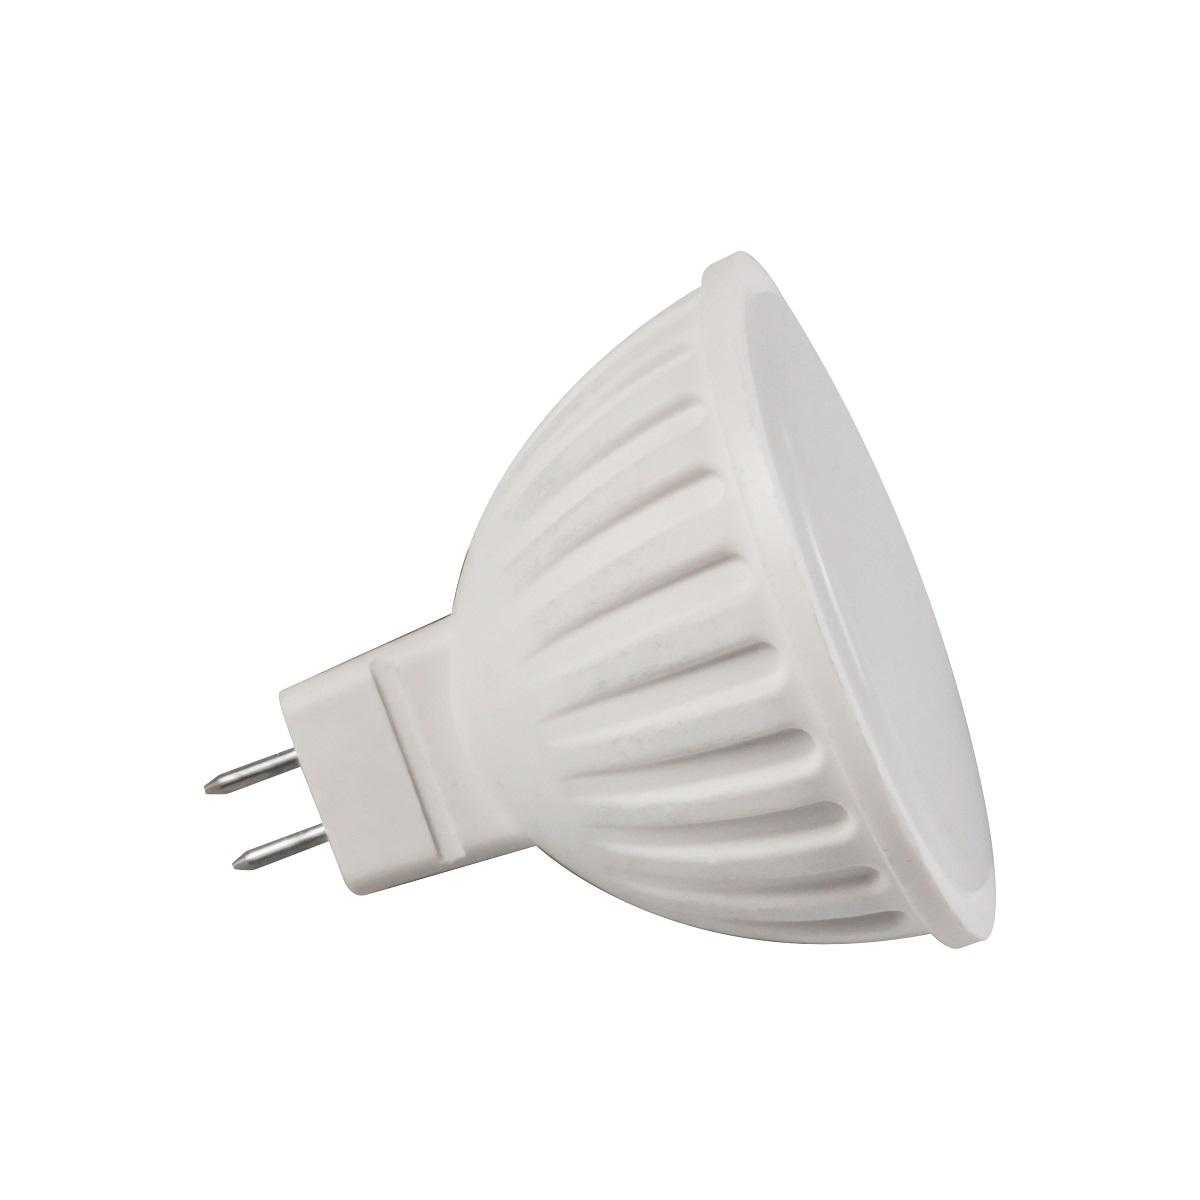 Лампа светодиодная Lieberg, теплый свет, цоколь GU5.3, 7WL0104030Светодиодная лампа (рефлектор) LIEBERG мощностью 7Вт - это инновационный и экологичный источник света, позволяющий сэкономить до 90% на электроэнергии. Лампа не пульсирует, ресурс составляет 40 000 часов работы. Угол свечения 120°. Эффективный драйвер обеспечивает стабильную работу при резких перепадах входного напряжения (175 -265В). Область применения: общее, локальное и аварийное освещение.